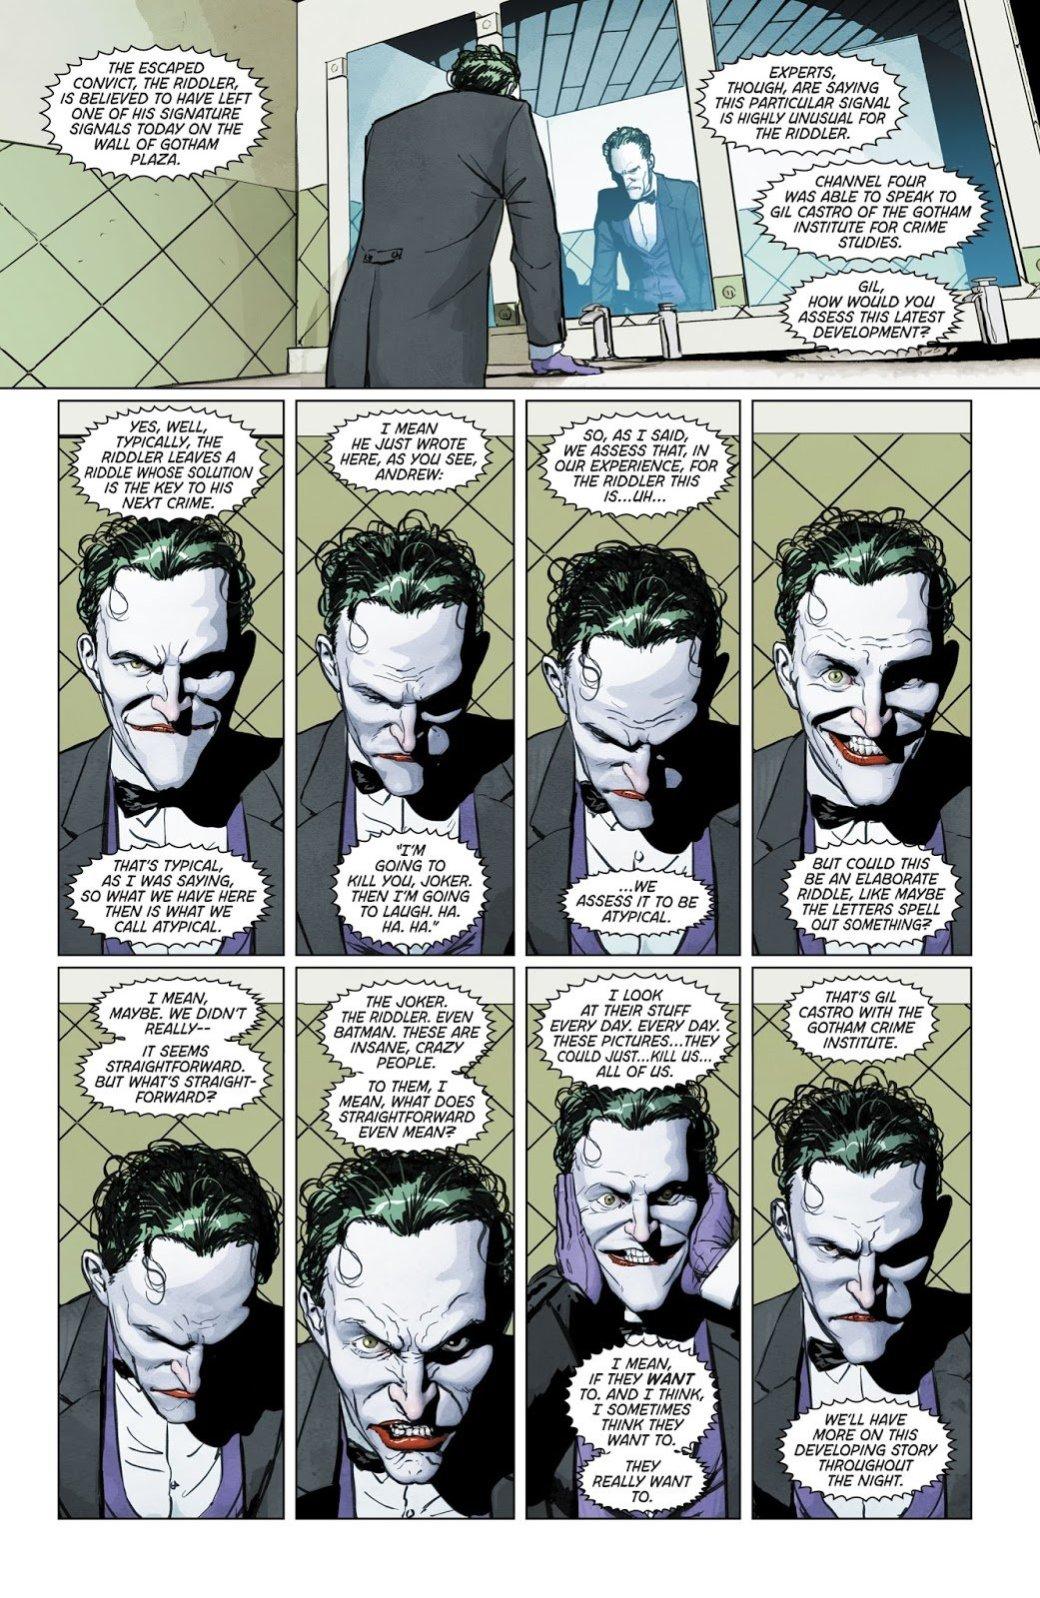 Зачем нужна была война Джокера иЗагадочника настраницах комикса «Бэтмен»?. - Изображение 10